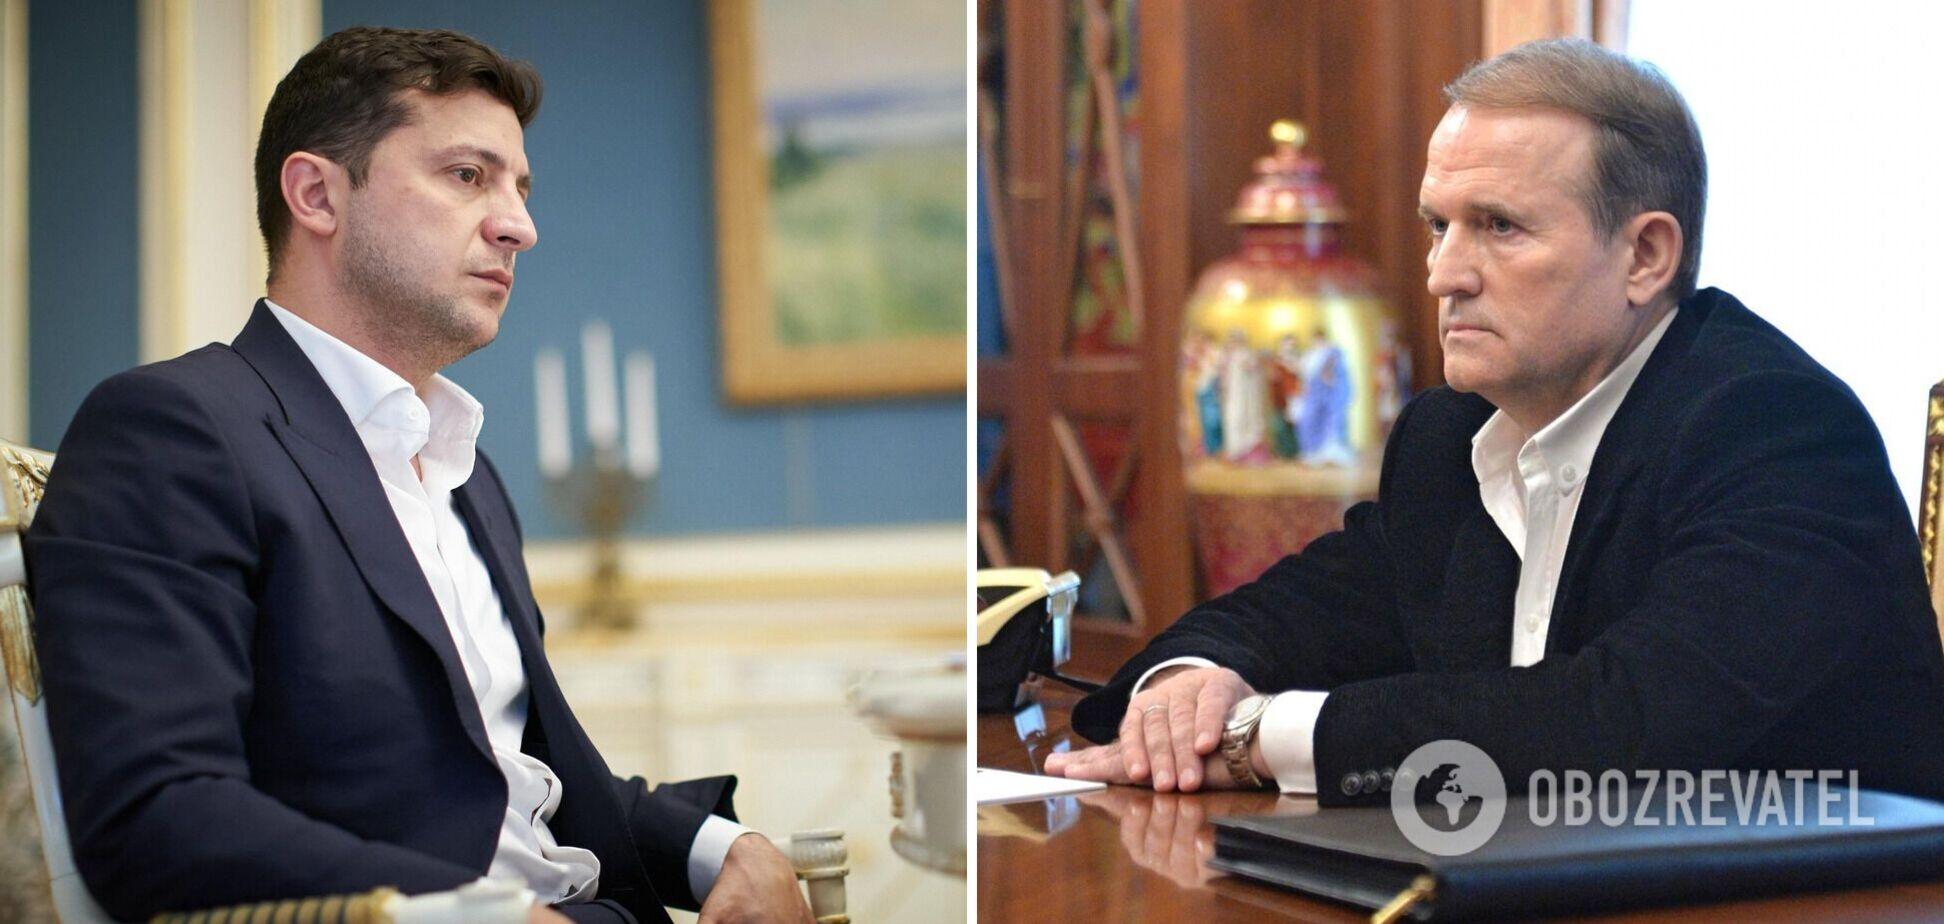 Нардепам пояснили, що 'олігарха Медведчука більше немає'